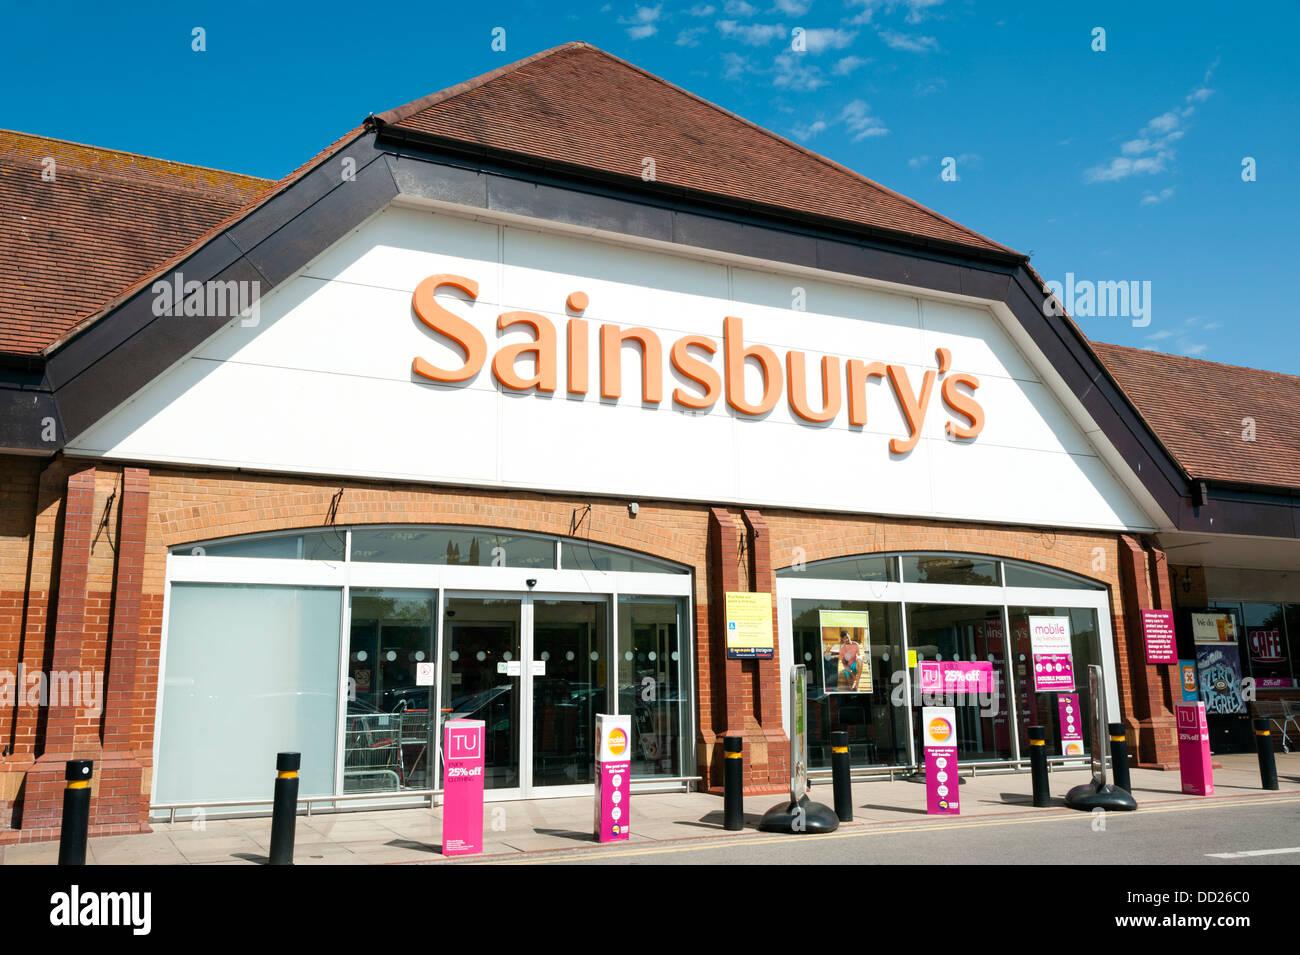 Sainsbury's supermarket at Bridgwater, UK. Stock Photo